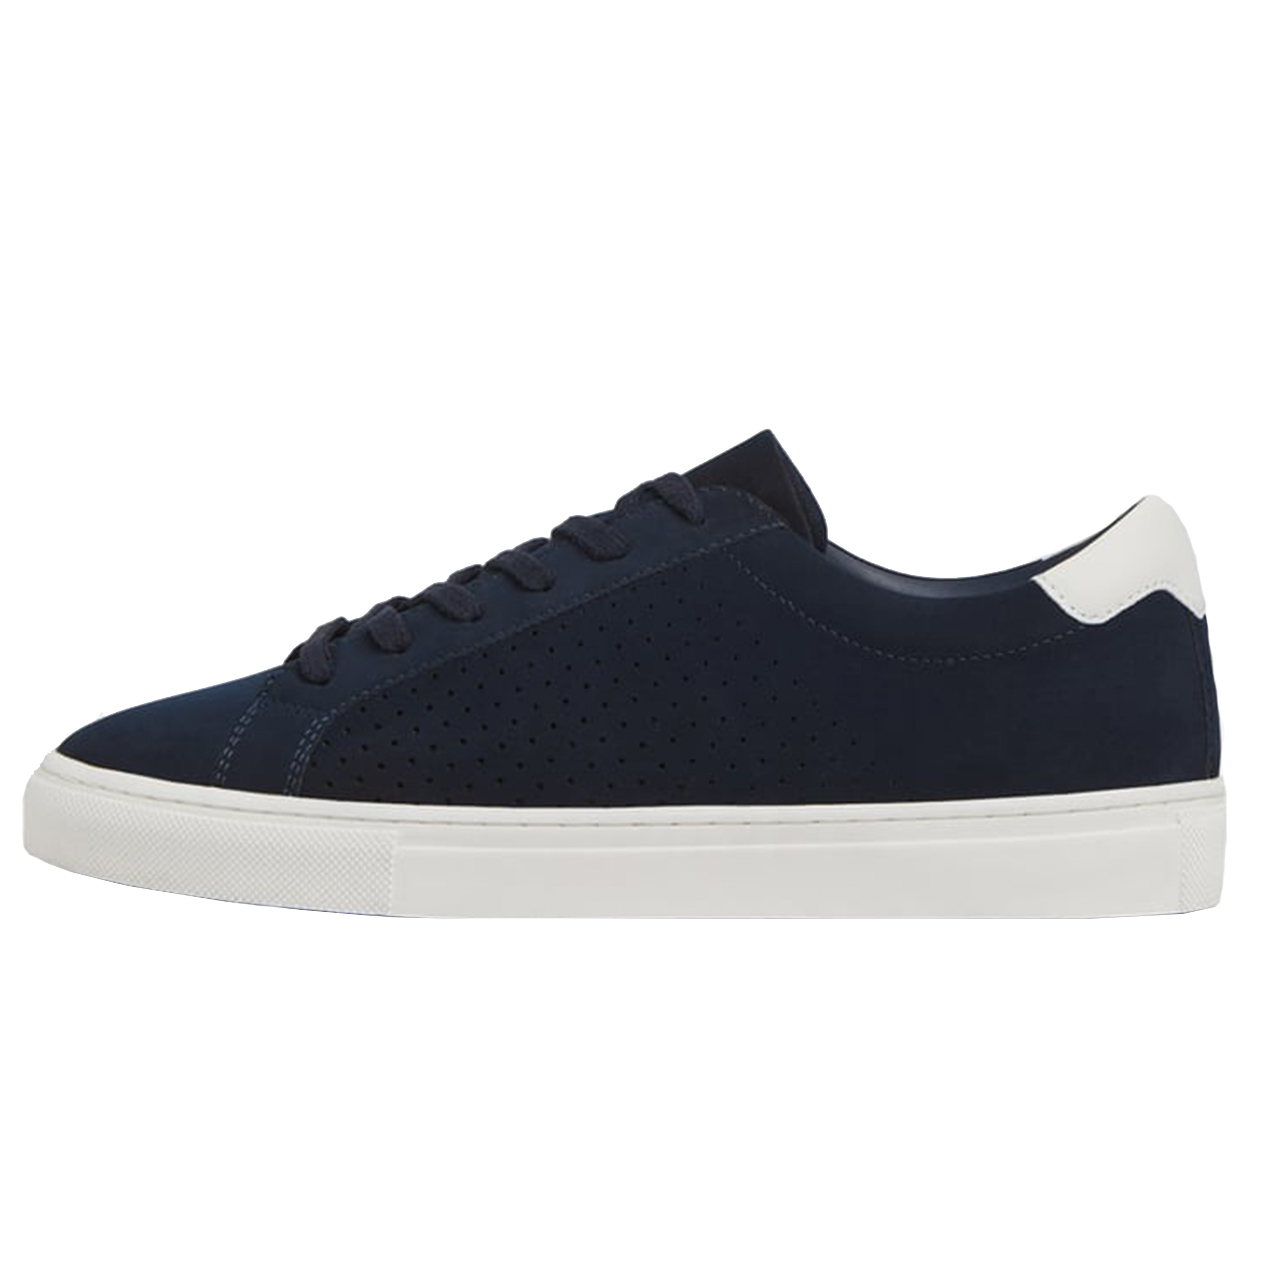 قیمت کفش راحتی مردانه زارا مدل 2222/002